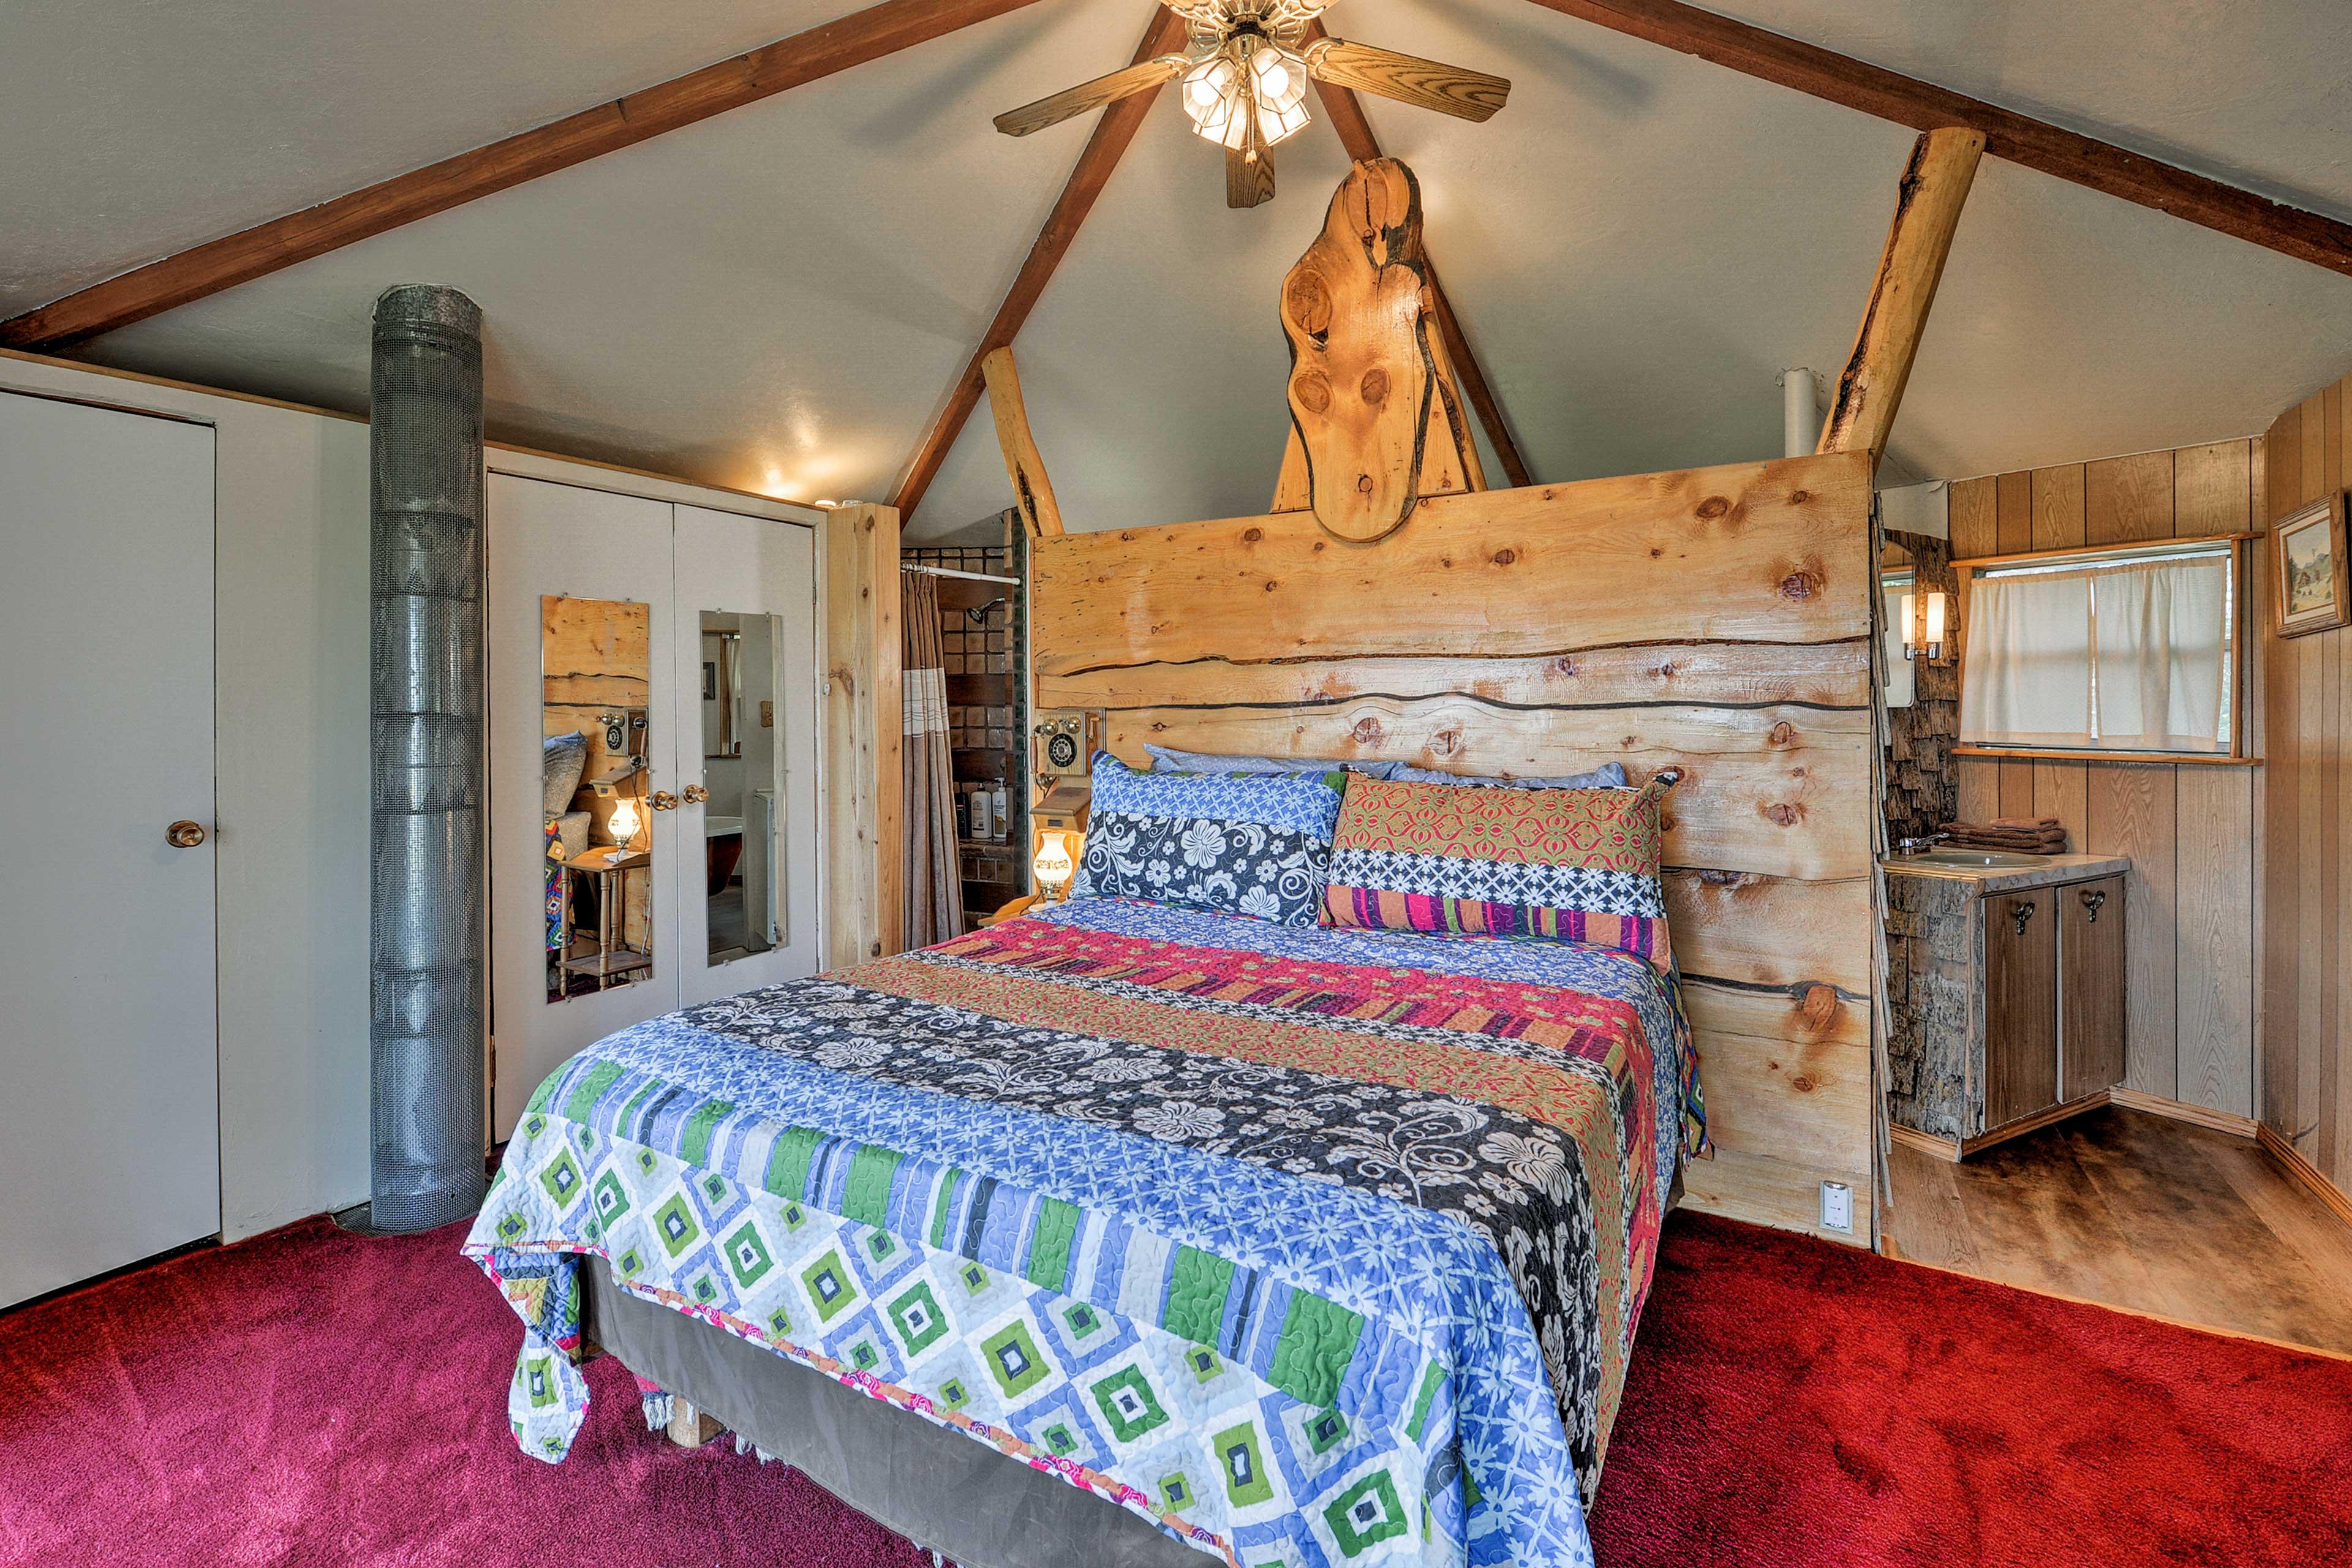 Doze off to sleep in the bedroom's queen bed.